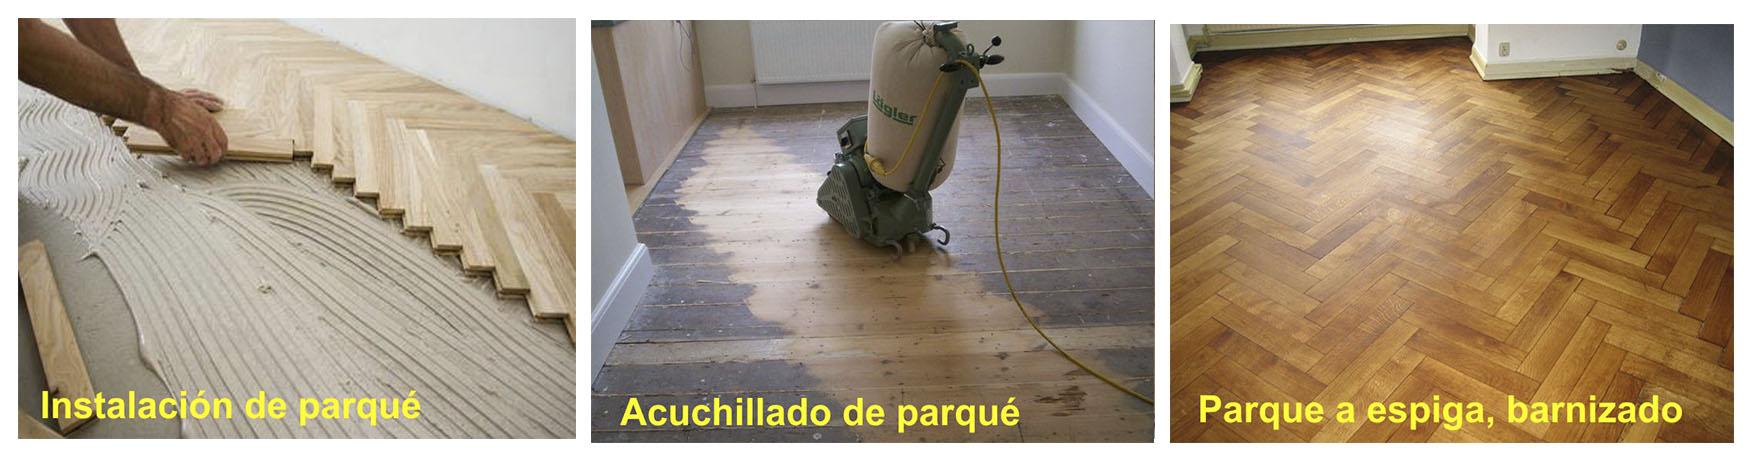 Arcolínea: Instalador instalando parqué de espiga pegado, acuchillado y barnizando el parqué